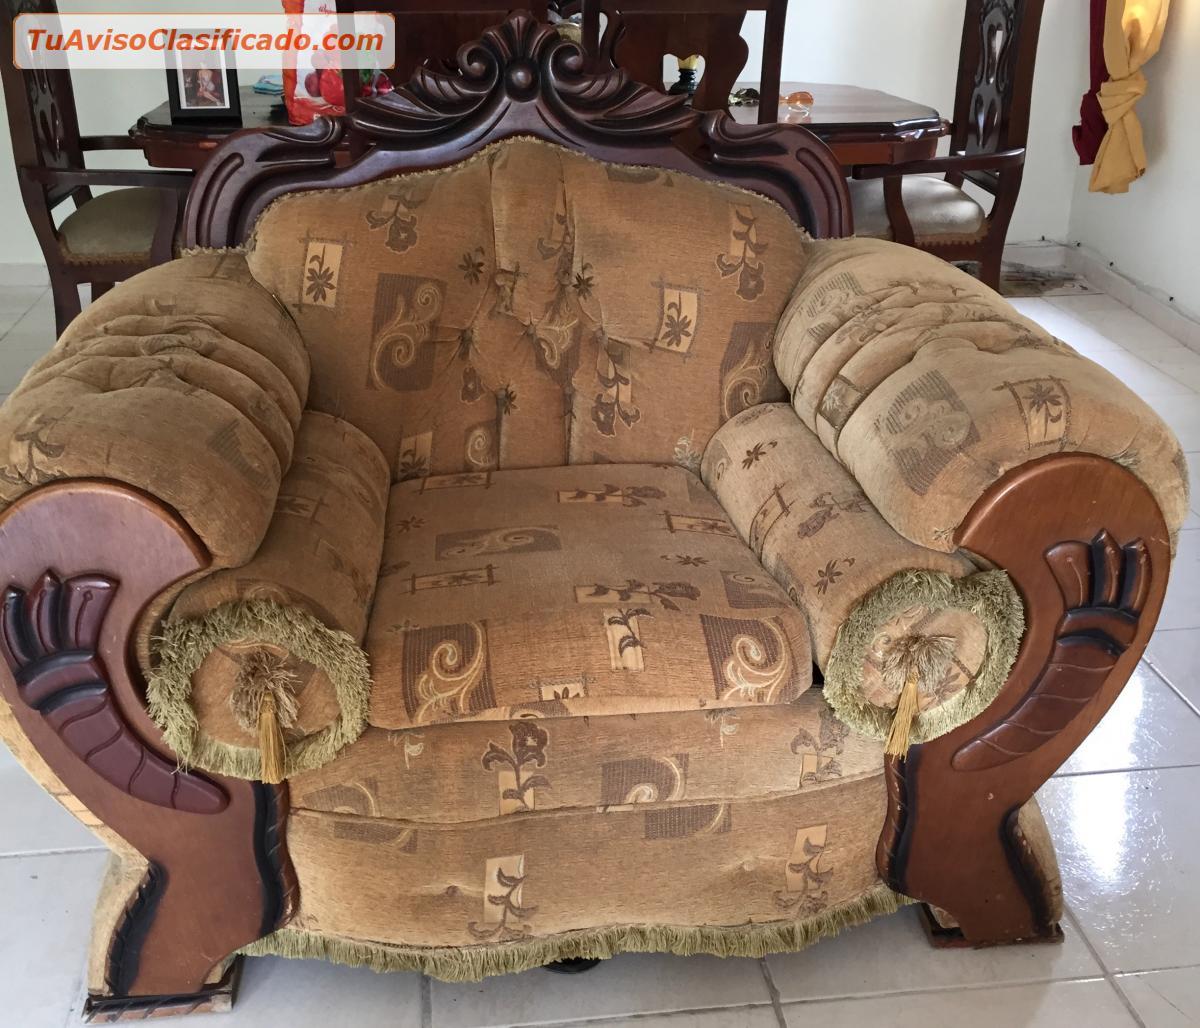 Juego de muebles en caoba - Mobiliario y Equipamiento > Sofás y...